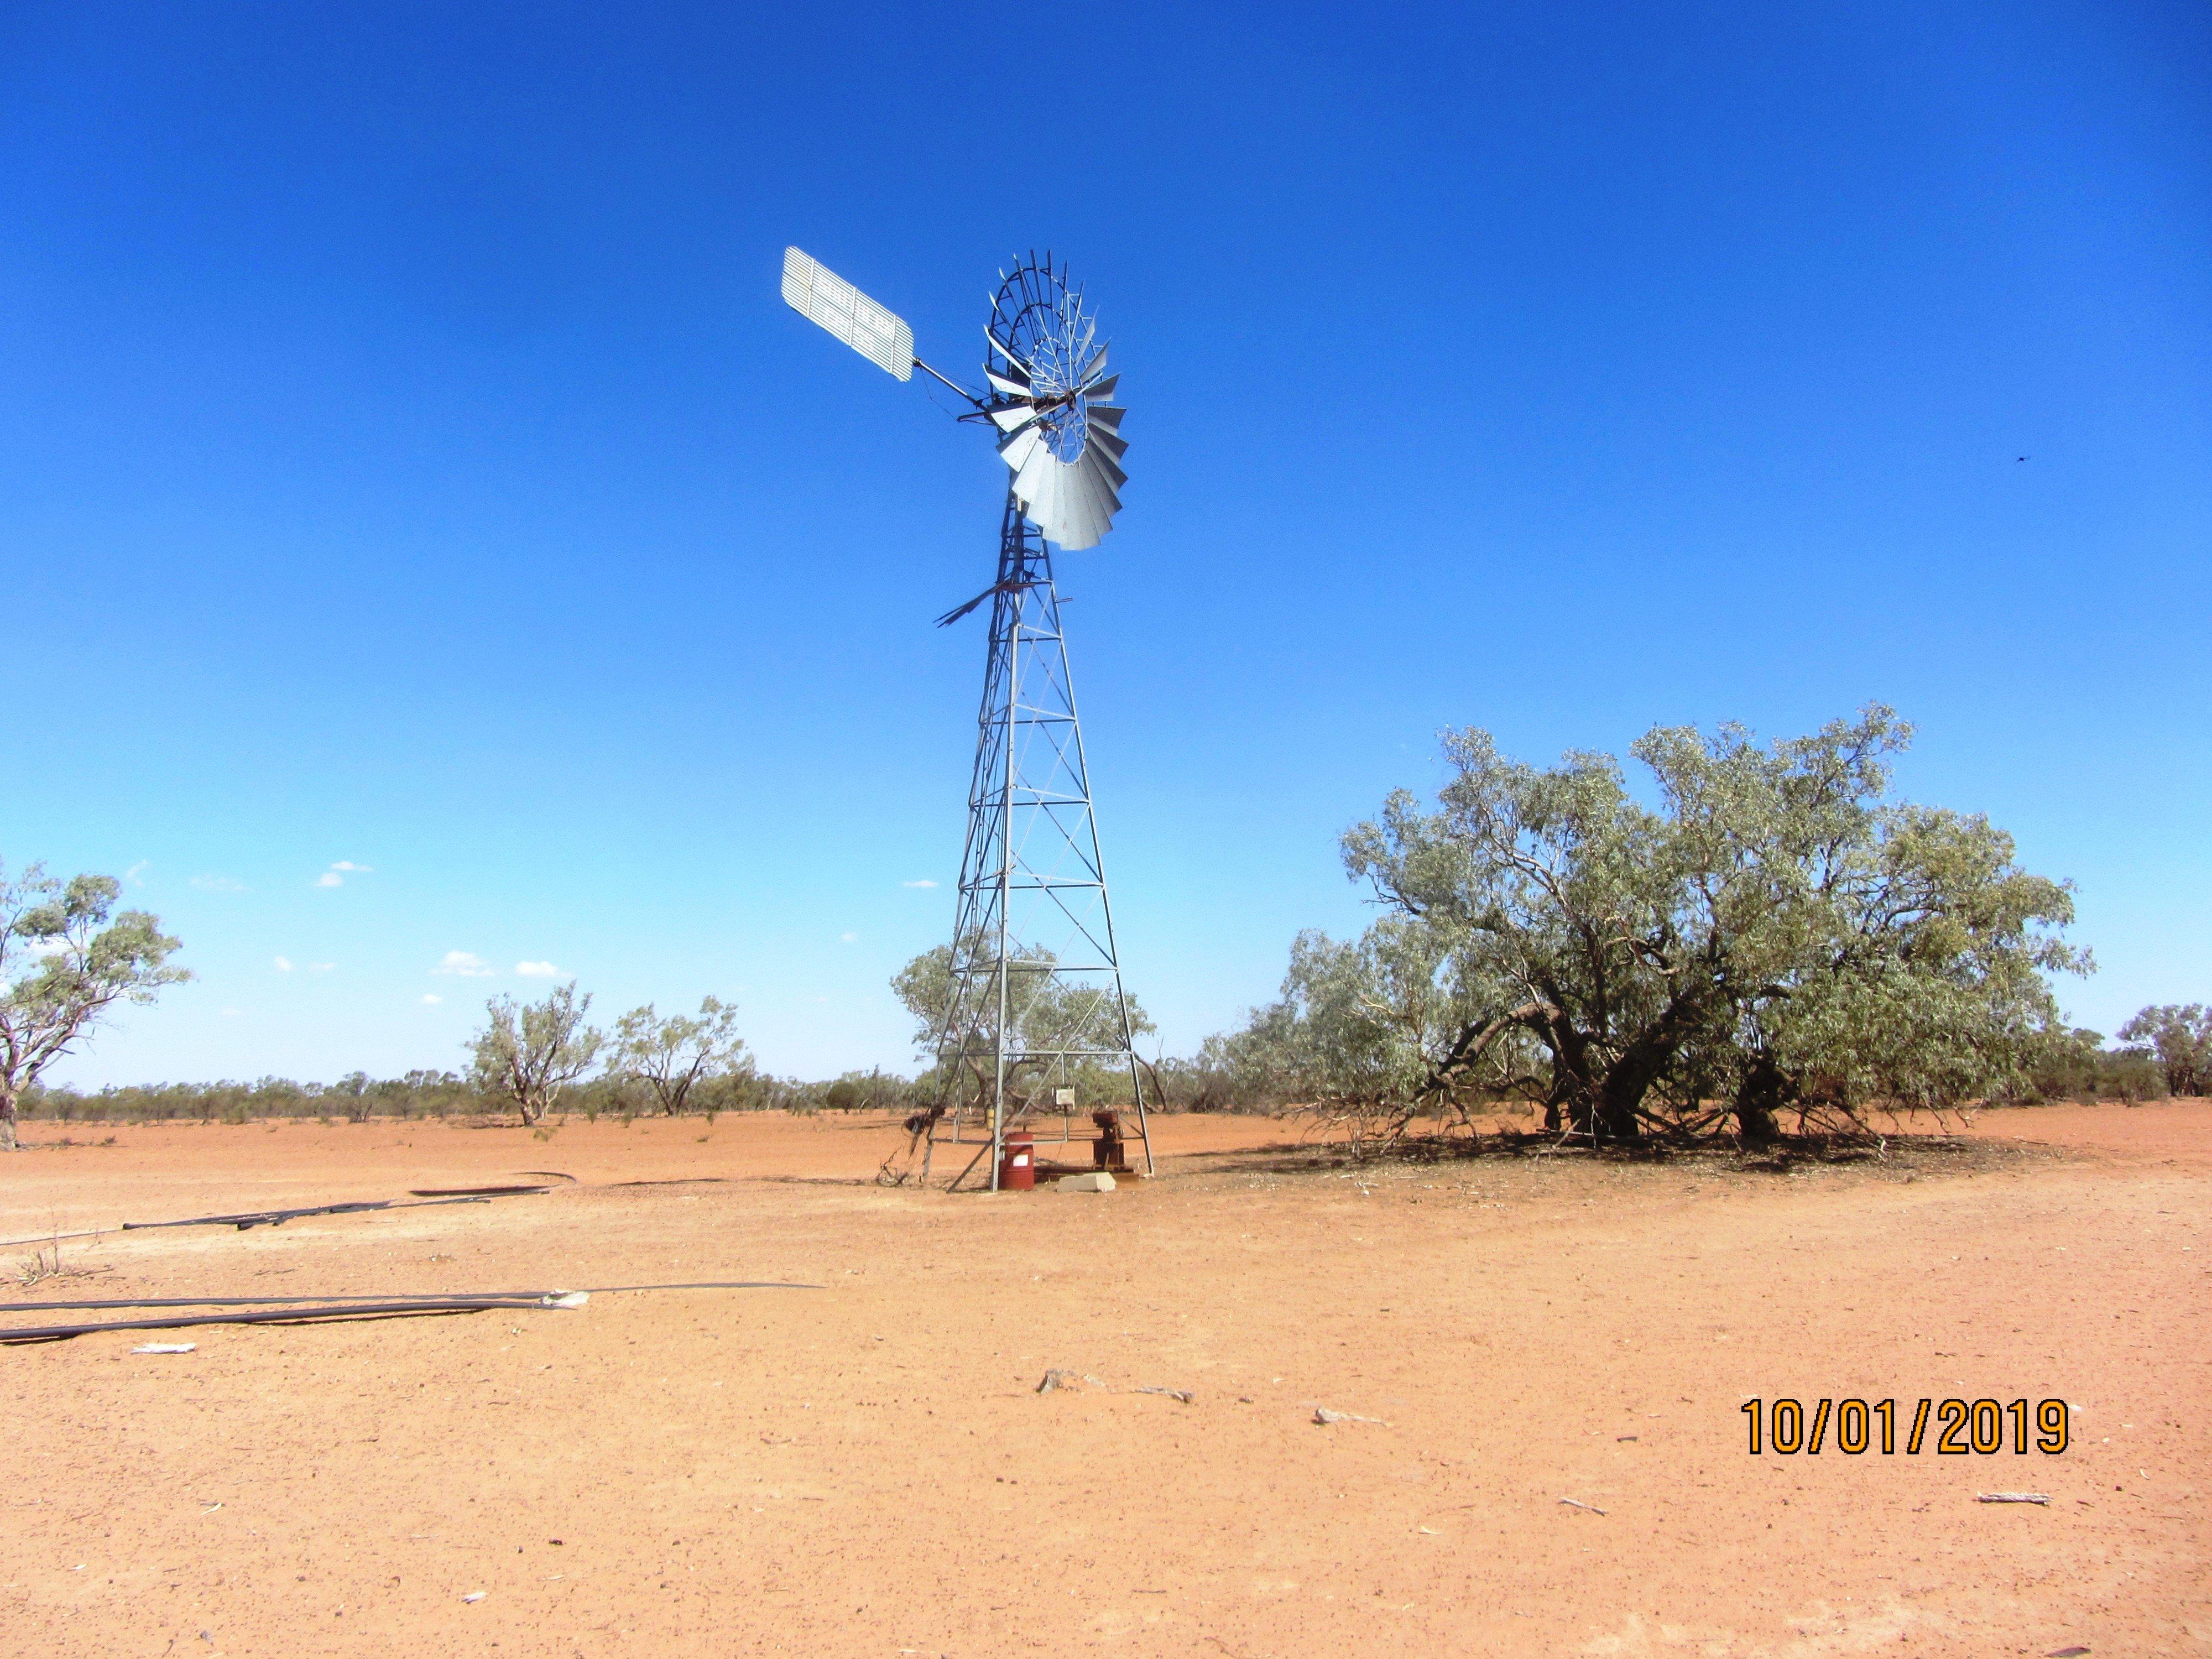 For Sale - Darling River livestock farm, Dunoak station